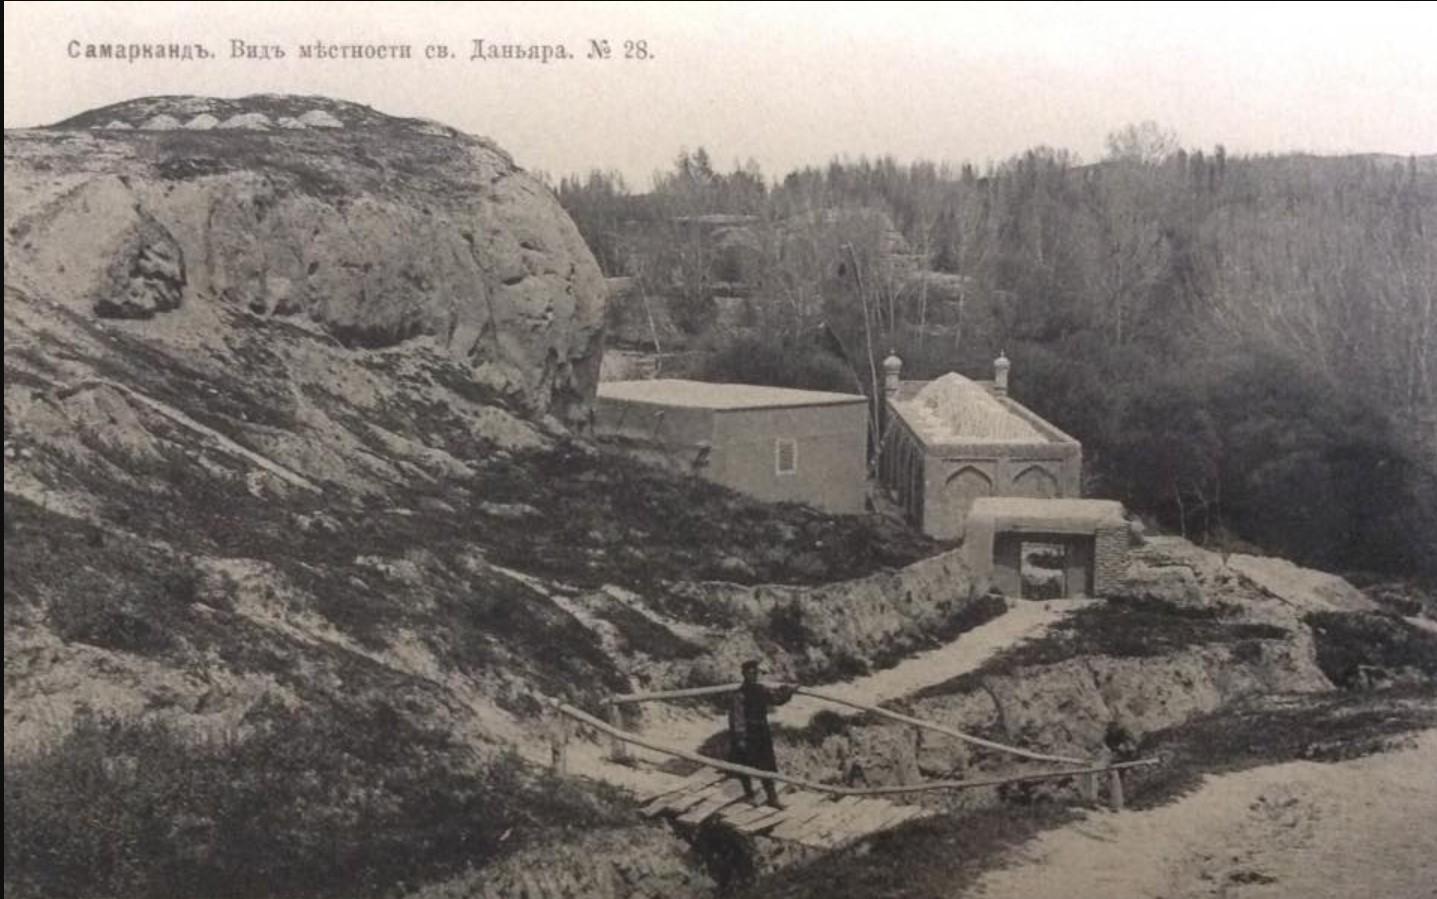 Вид местности св. Даньяра